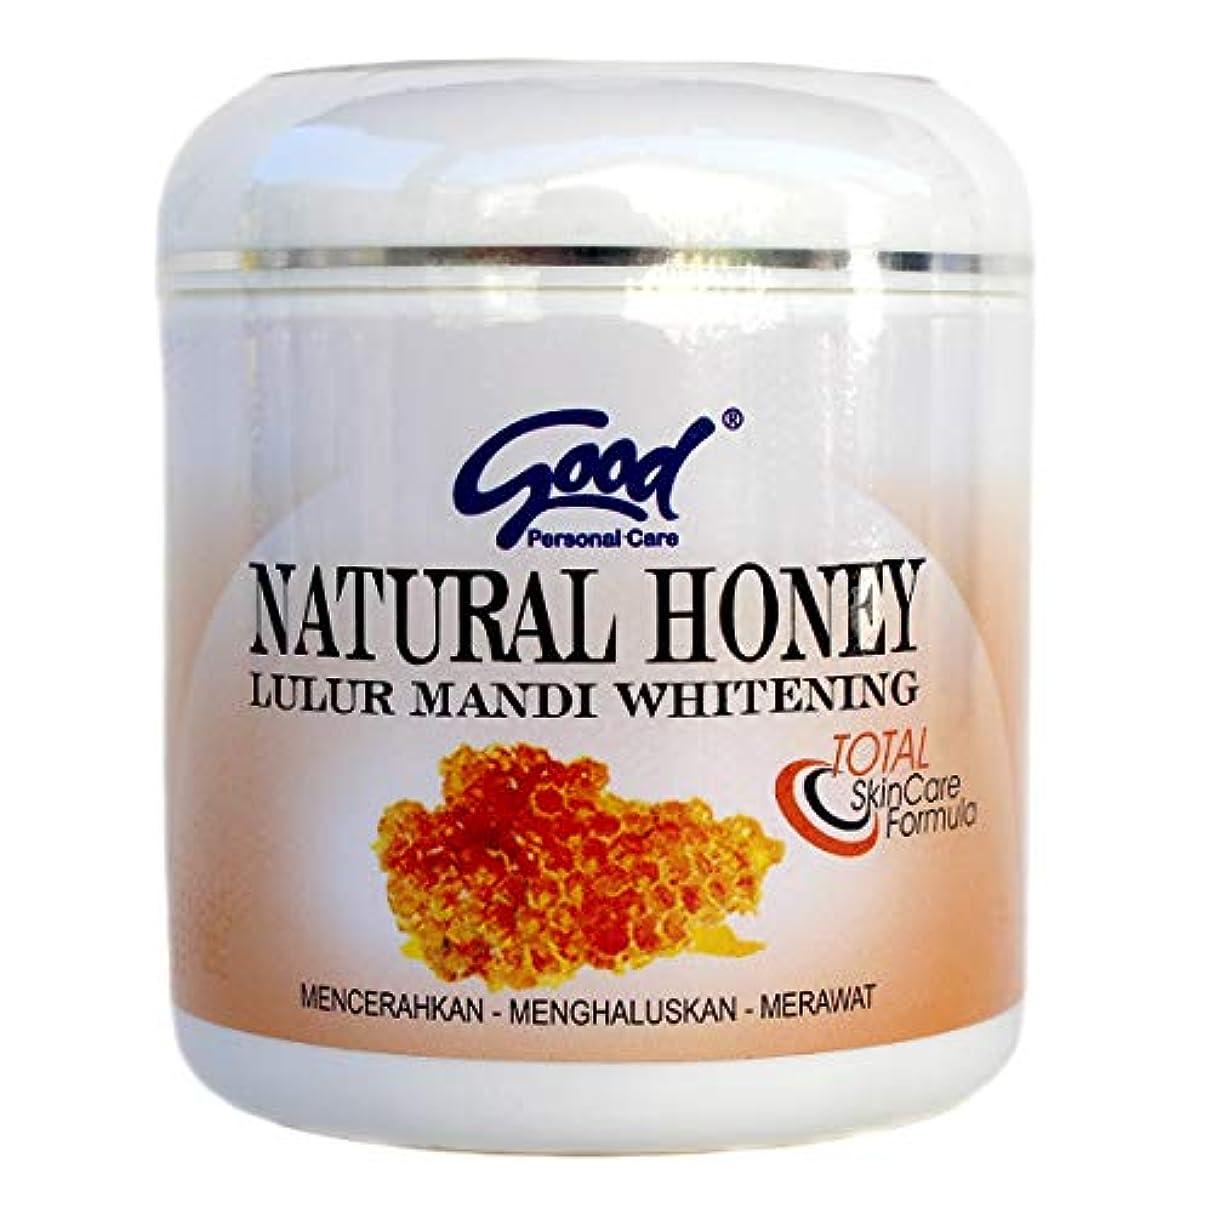 台無しにスイッチ平和good グッド インドネシアバリ島の伝統的なボディスクラブ Lulur Mandi マンディルルール 200g Natural Honey ナチュラルハニー [海外直送品]